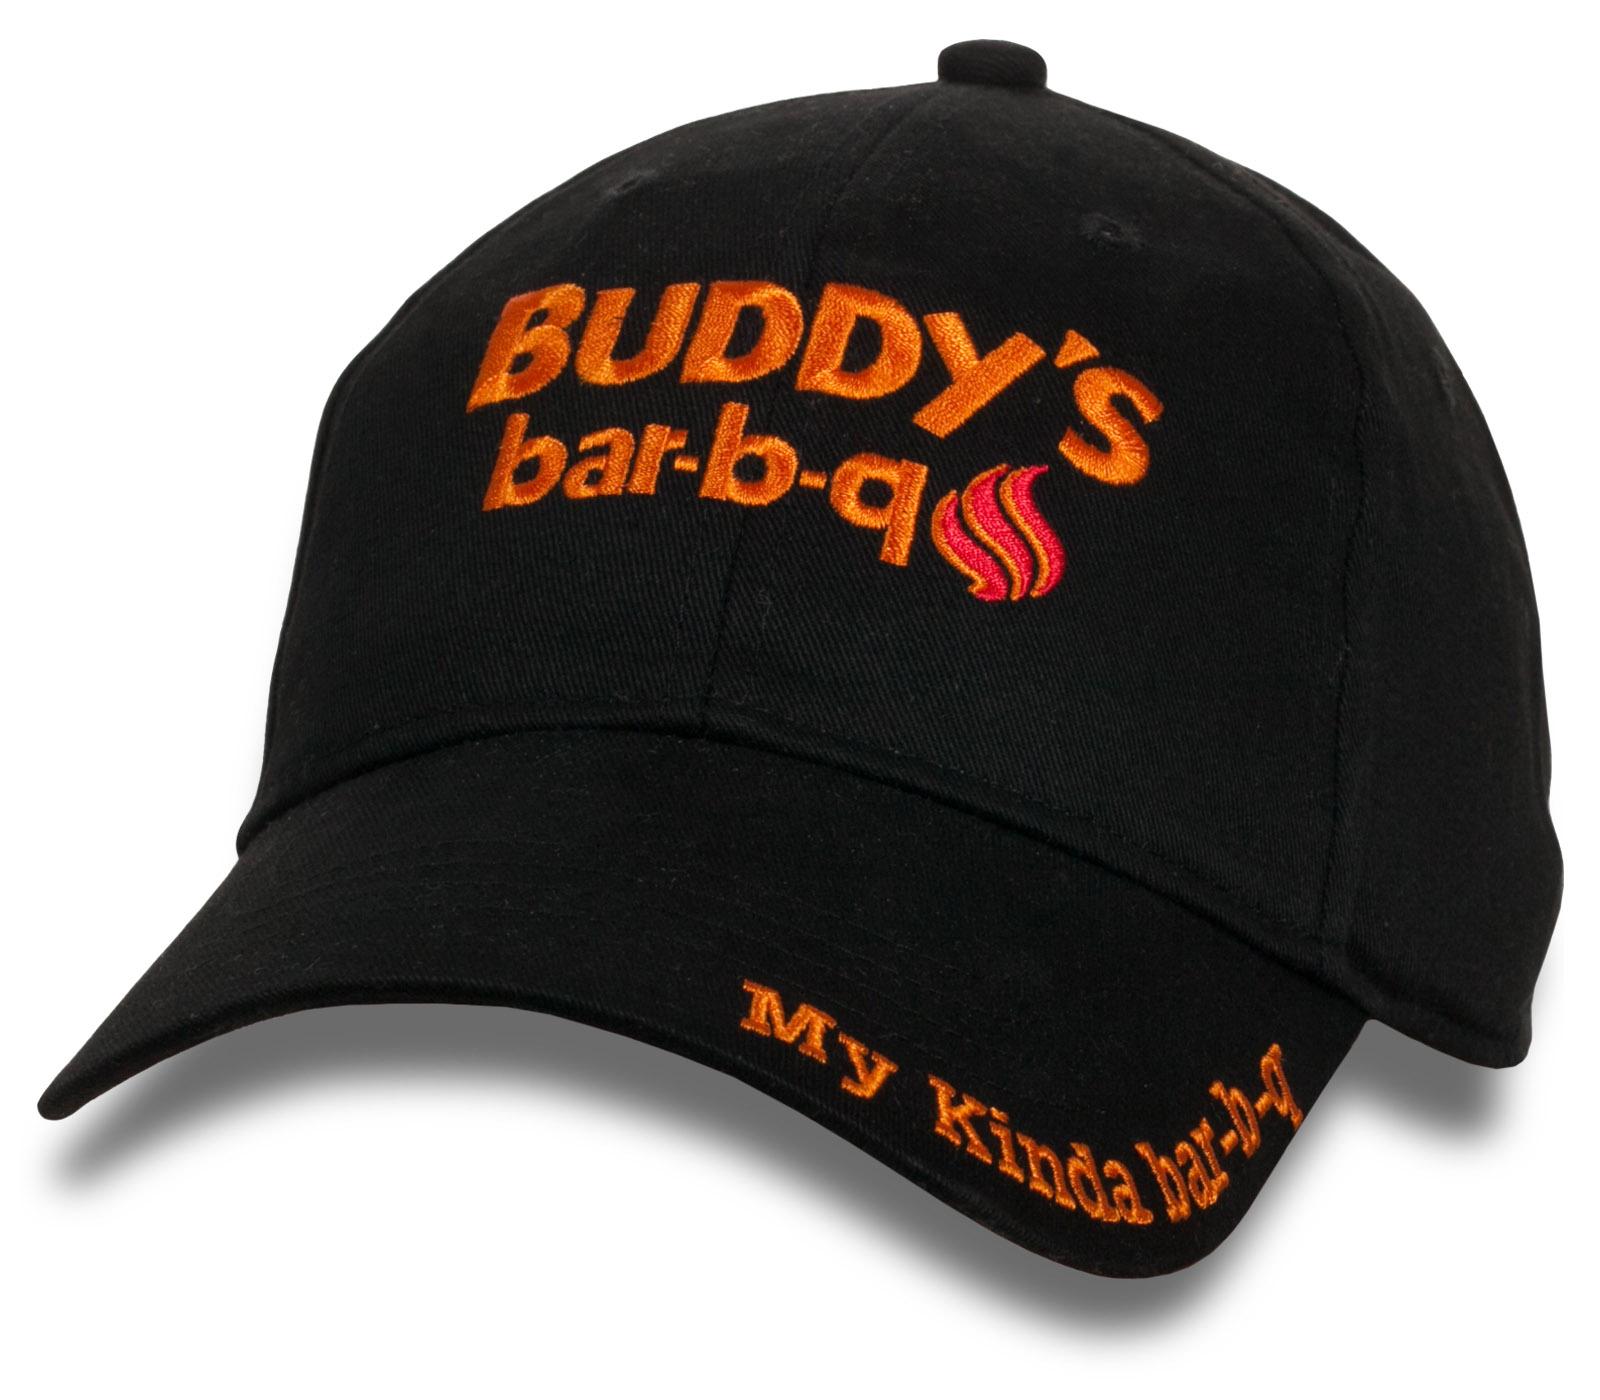 Заказать онлайн недорого модные бейсболки Buddy's Bar